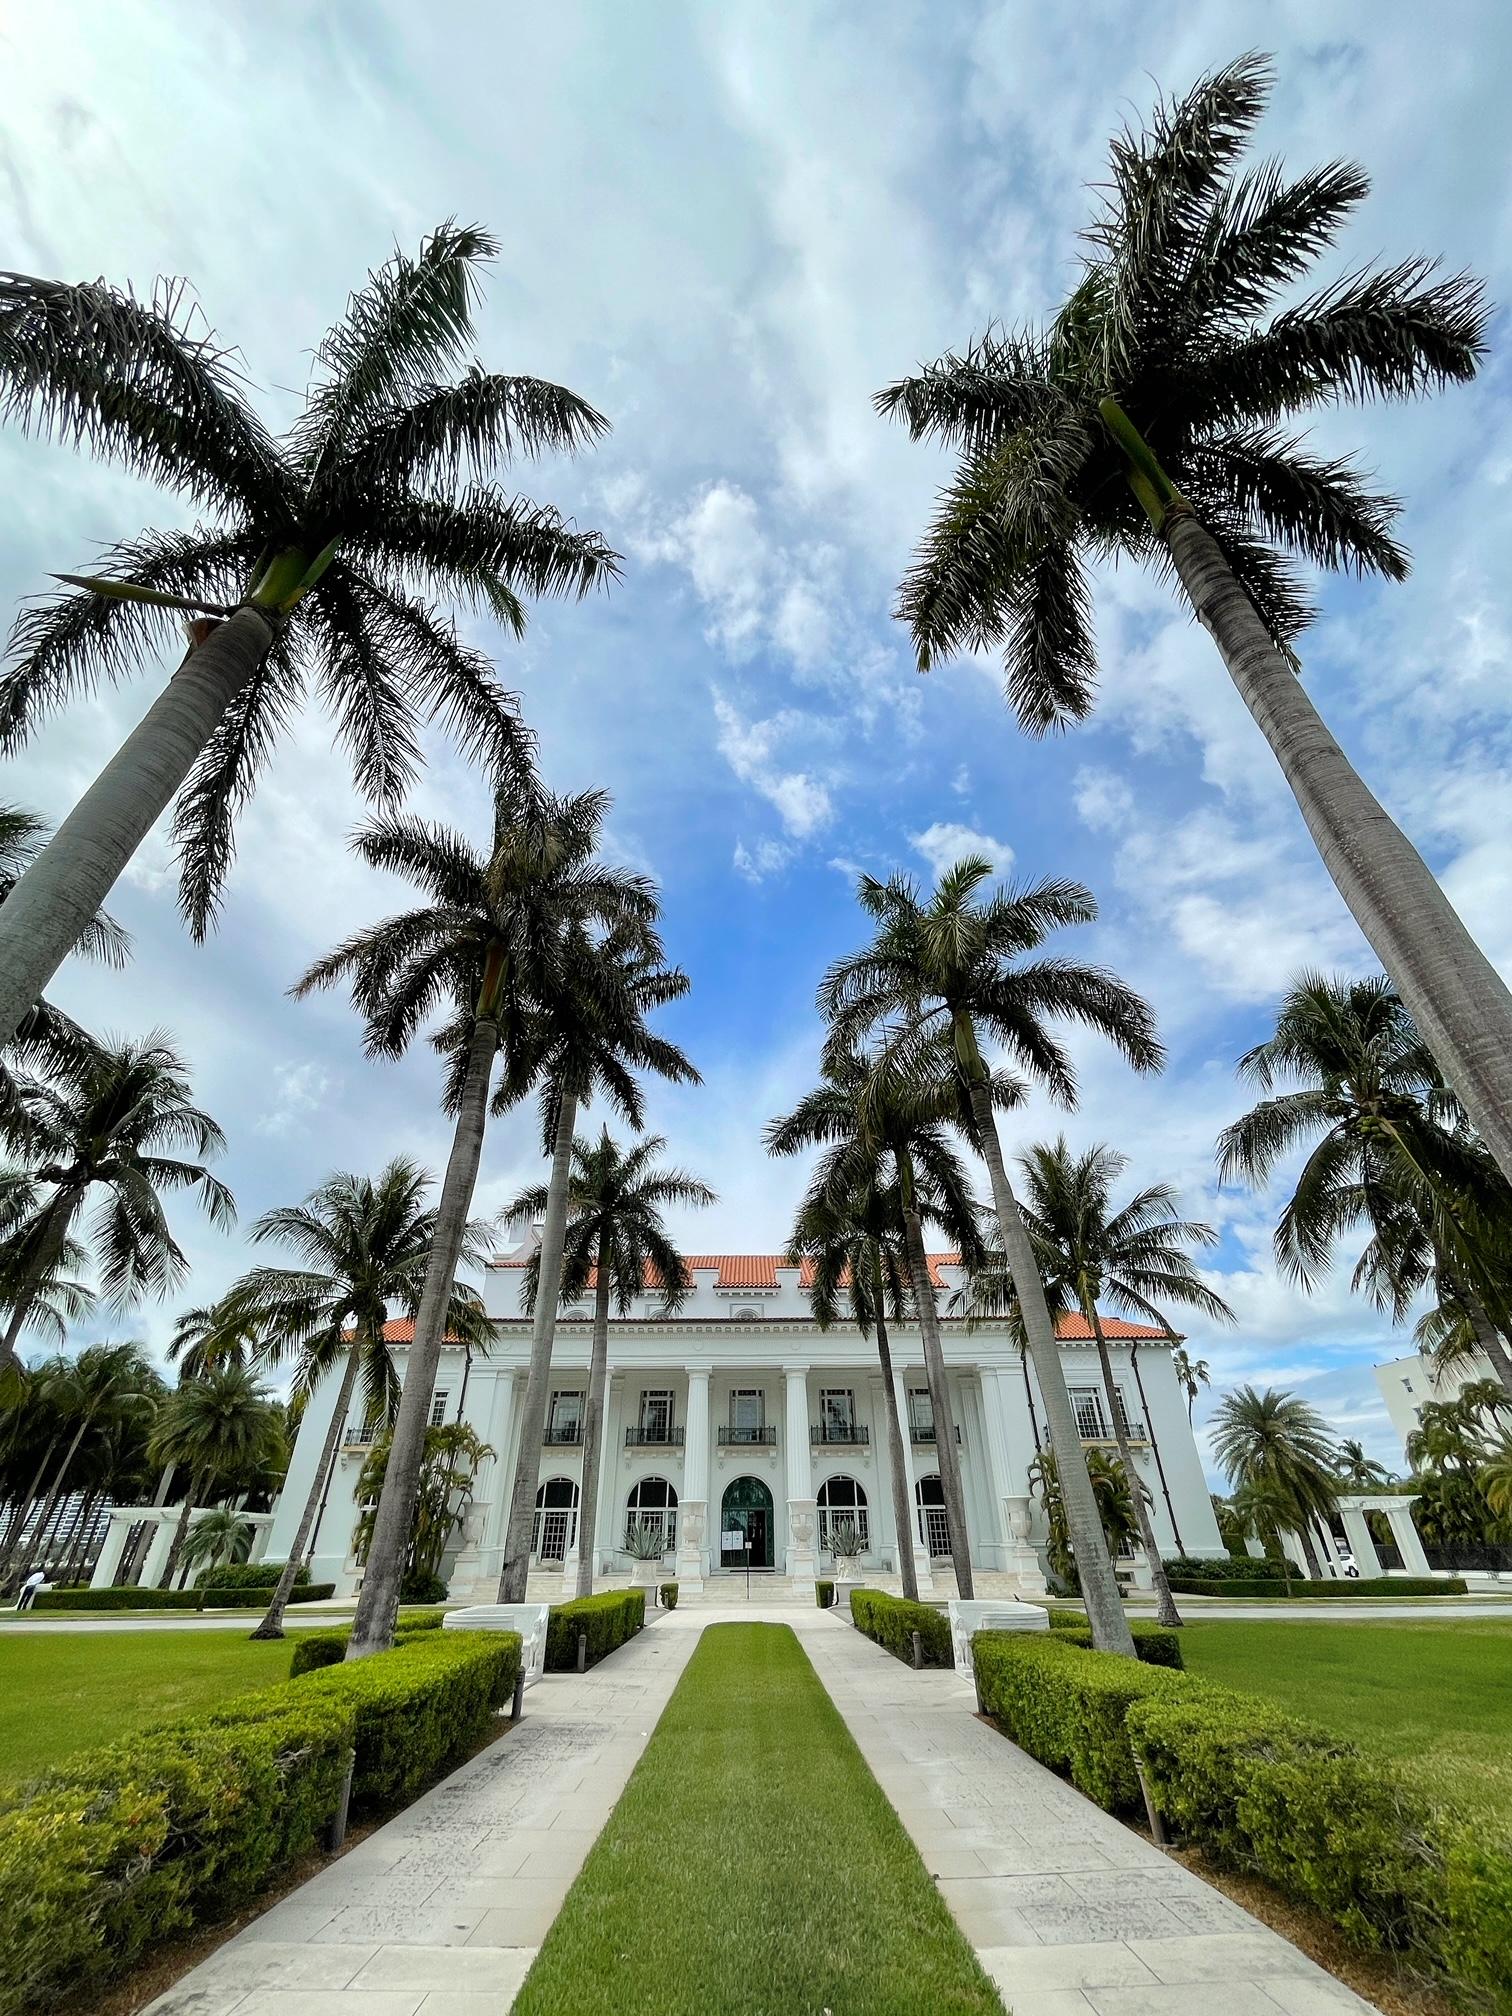 flagler museum, palm beach, the-alyst.com